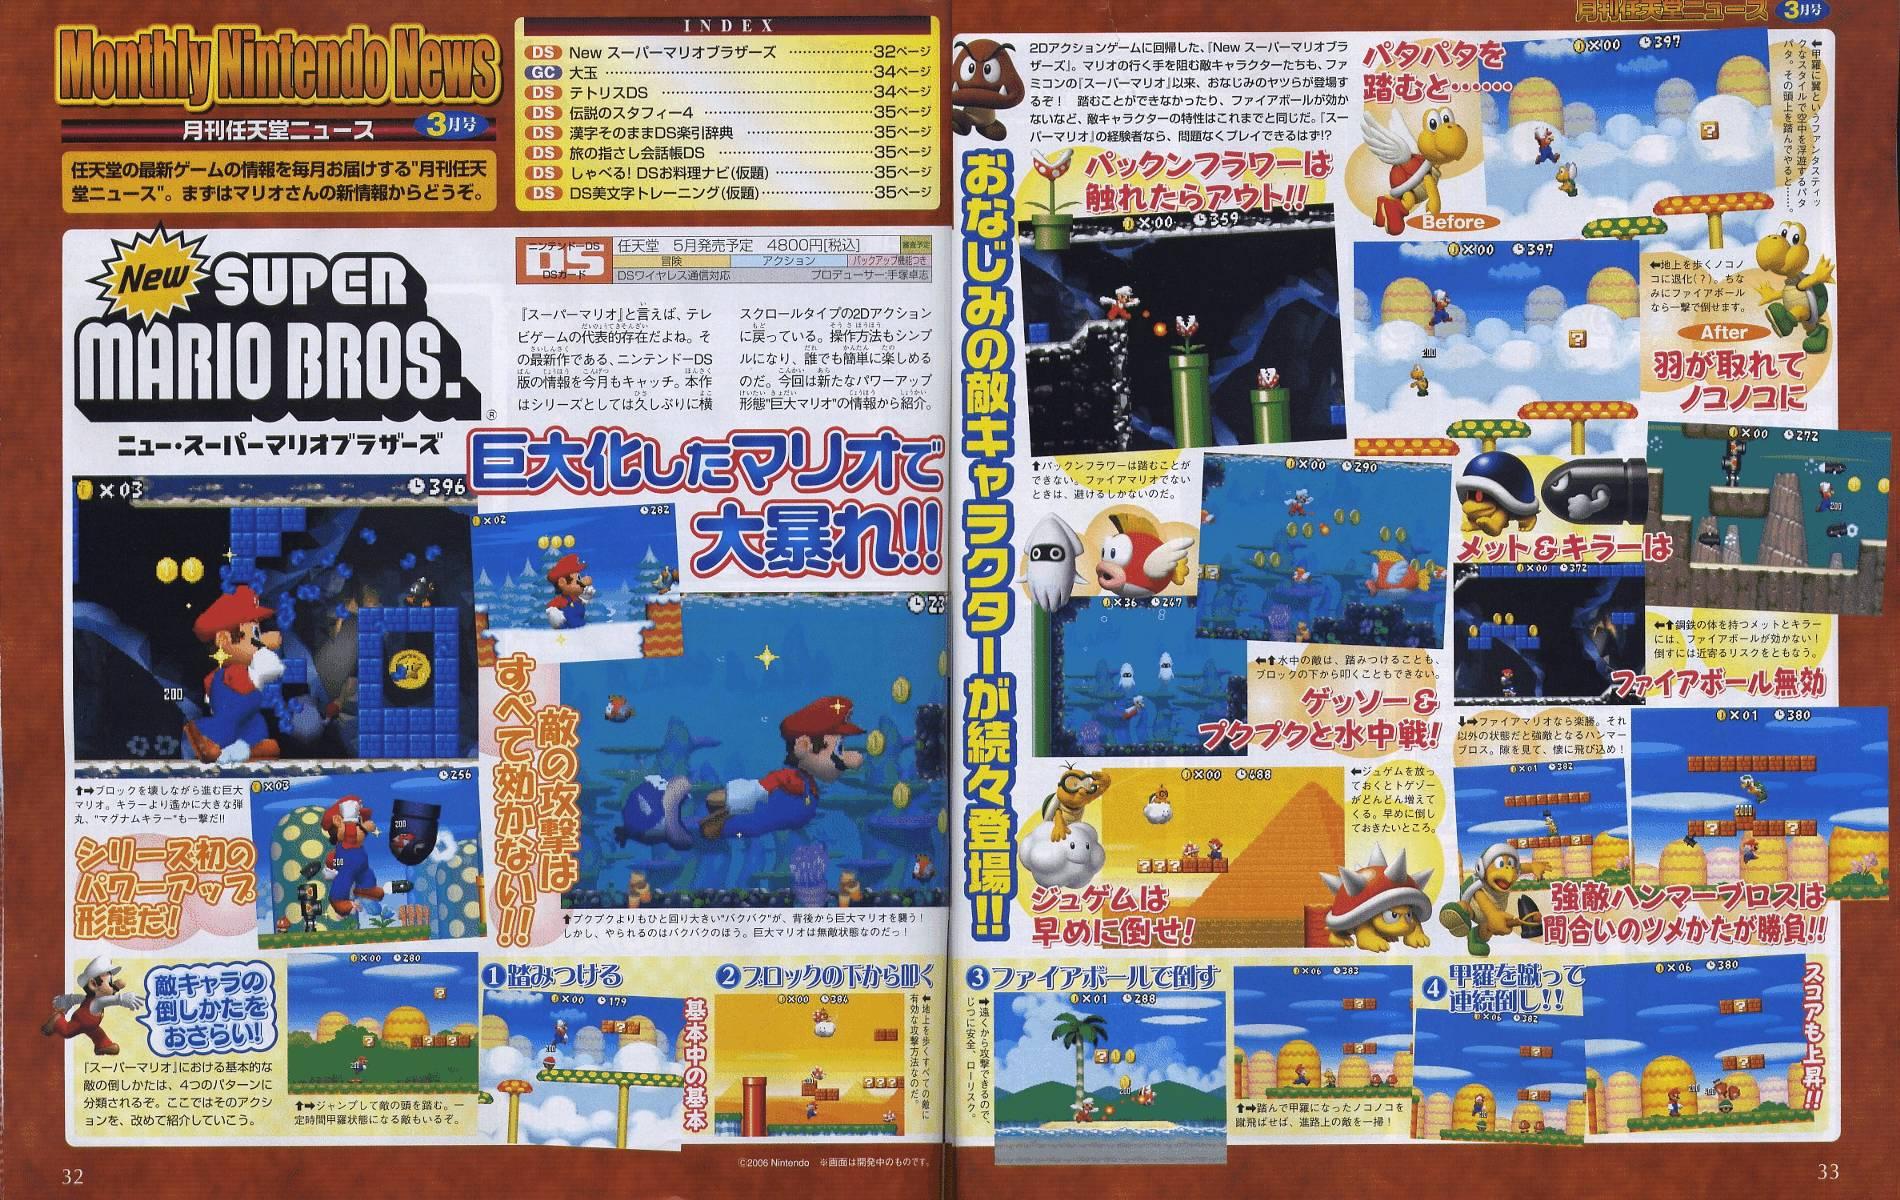 تحميل لعبة New Super Mario Bros لل Nintendo DS